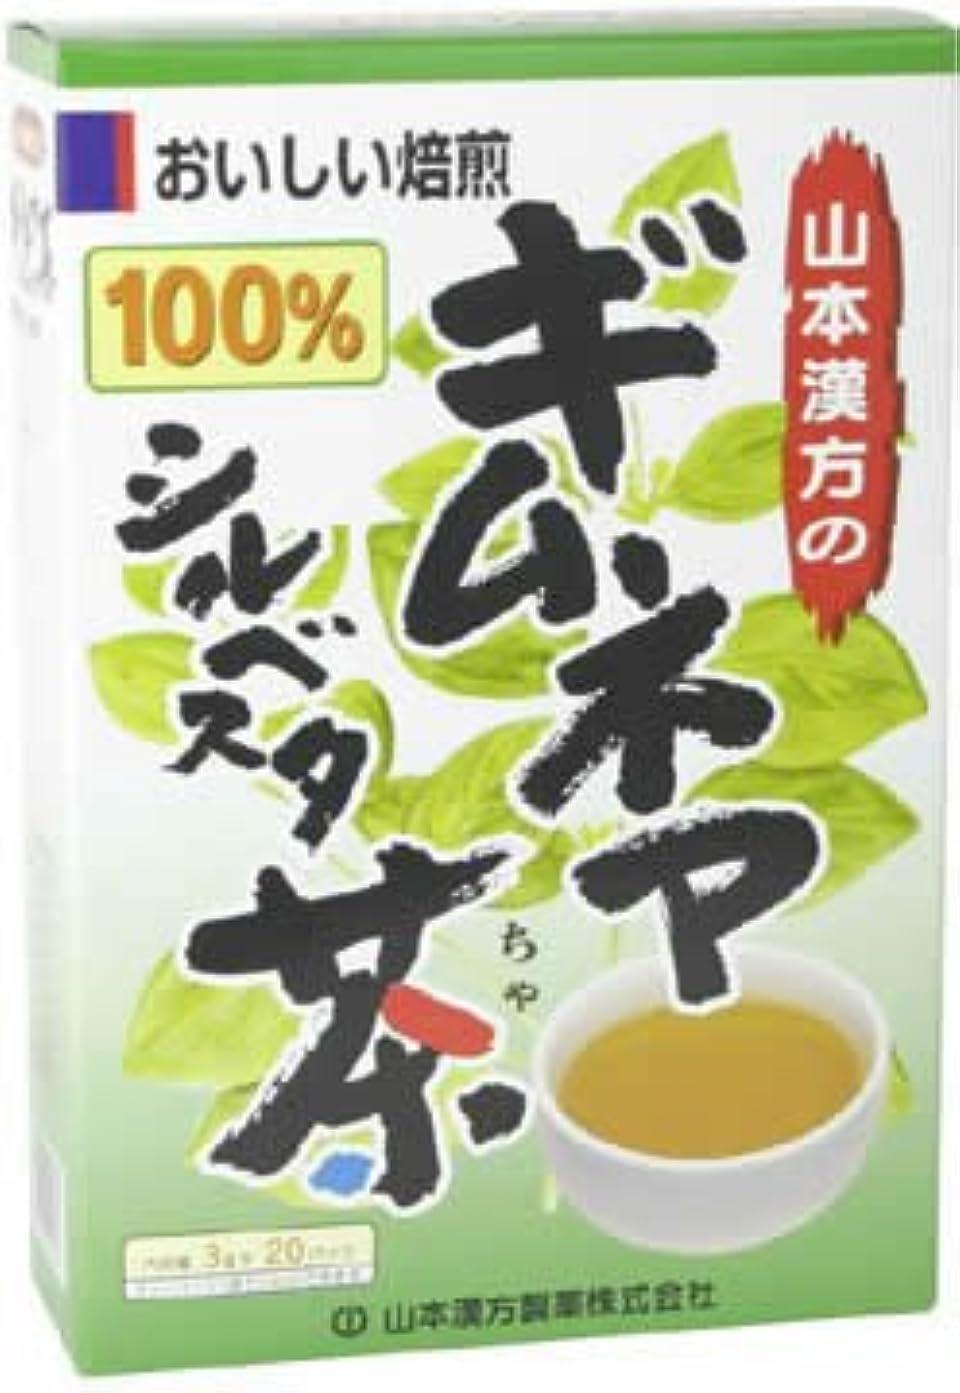 キノコ最近達成可能山本漢方製薬 ギムネマシルベスタ茶100% 3gX20H